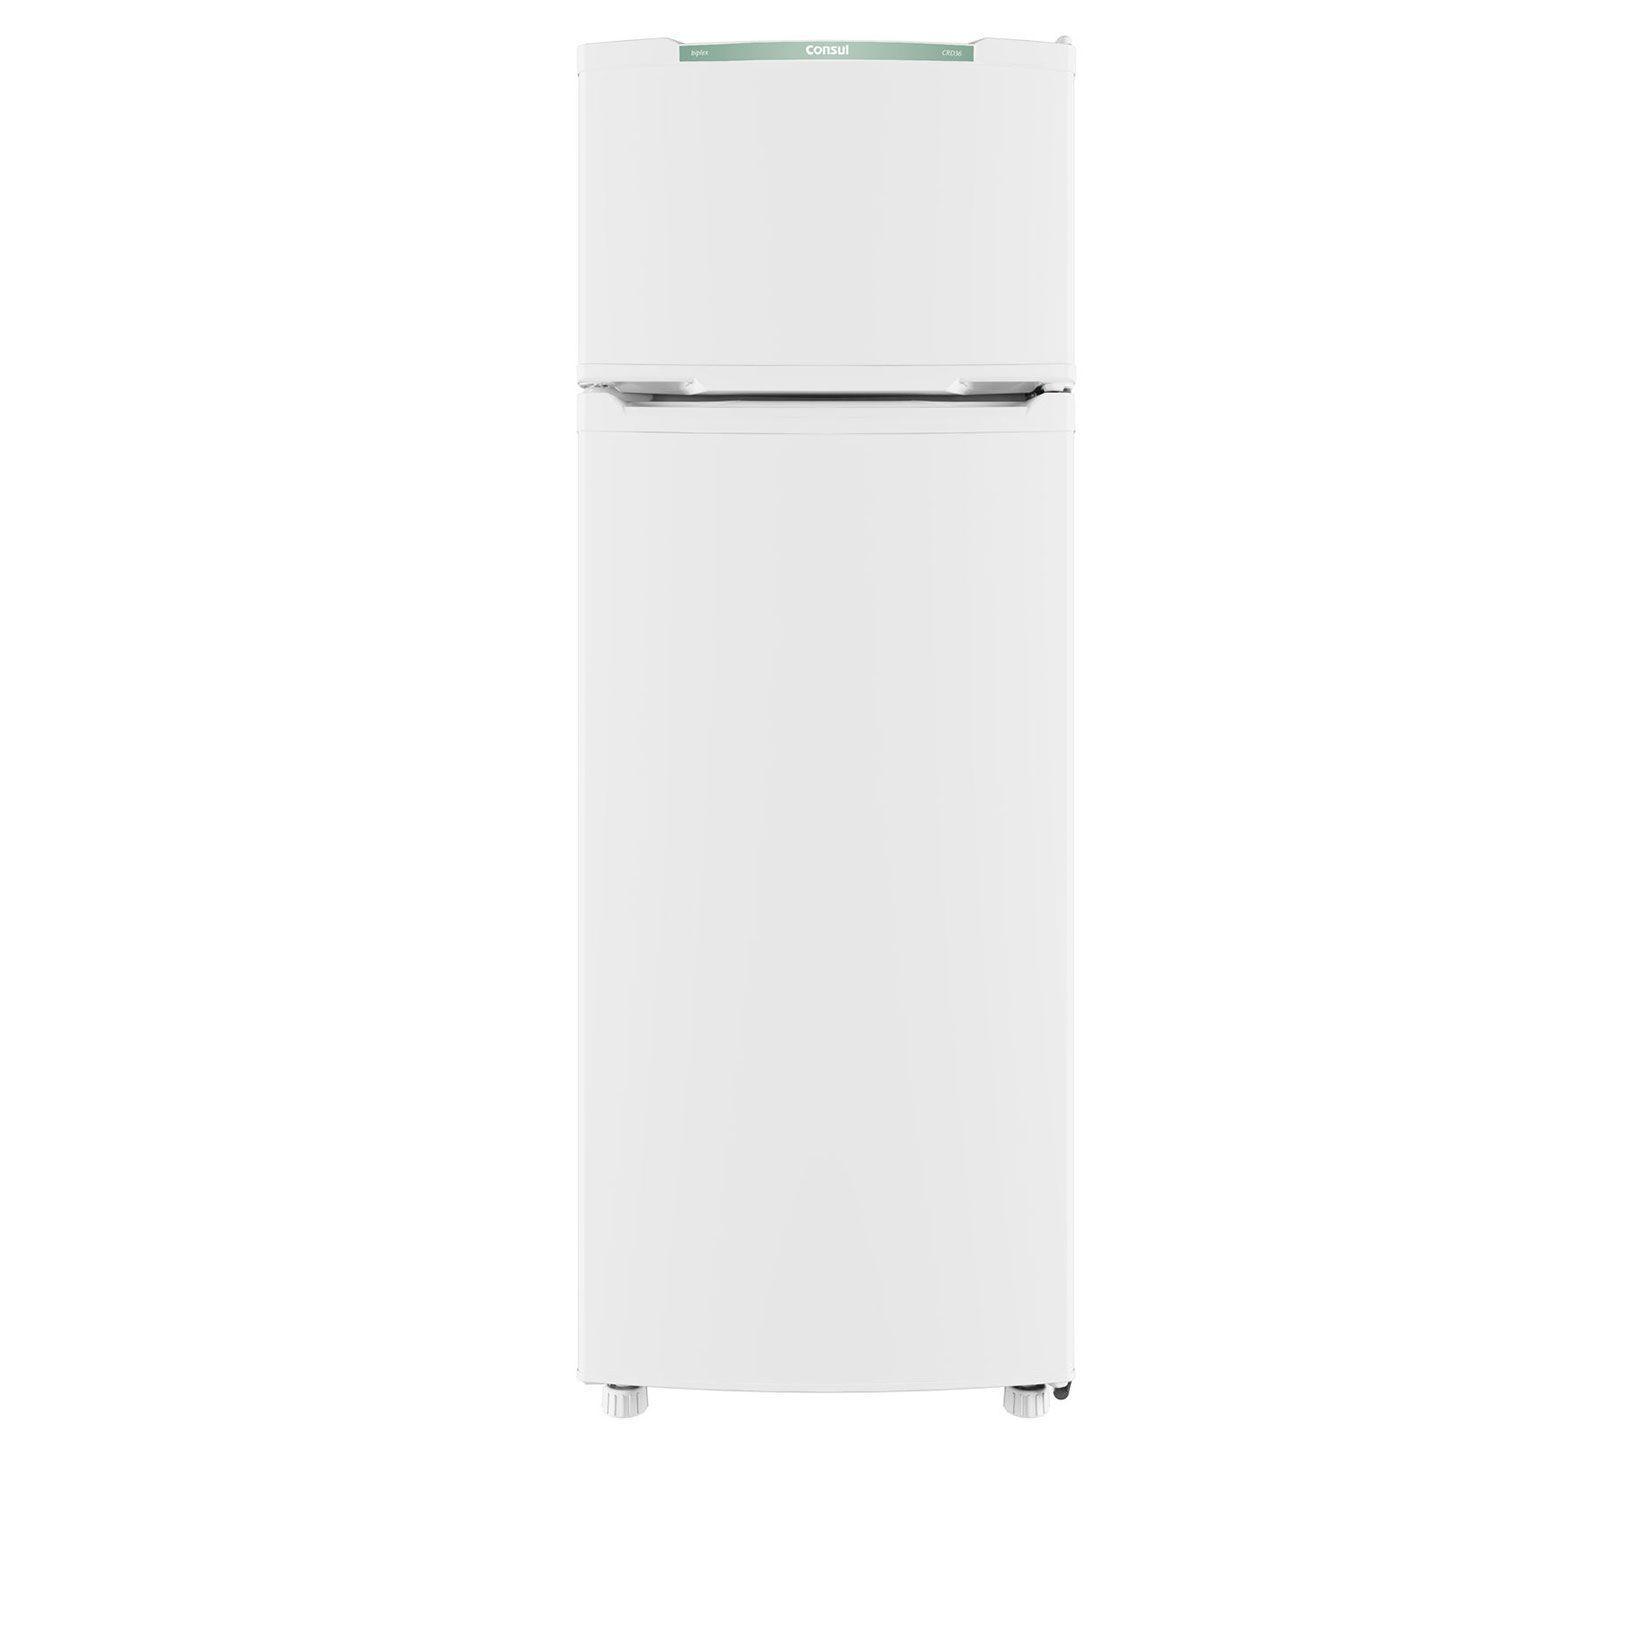 Refrigerador Consul Duplex 334 Litros CRD37EBBNA Branco